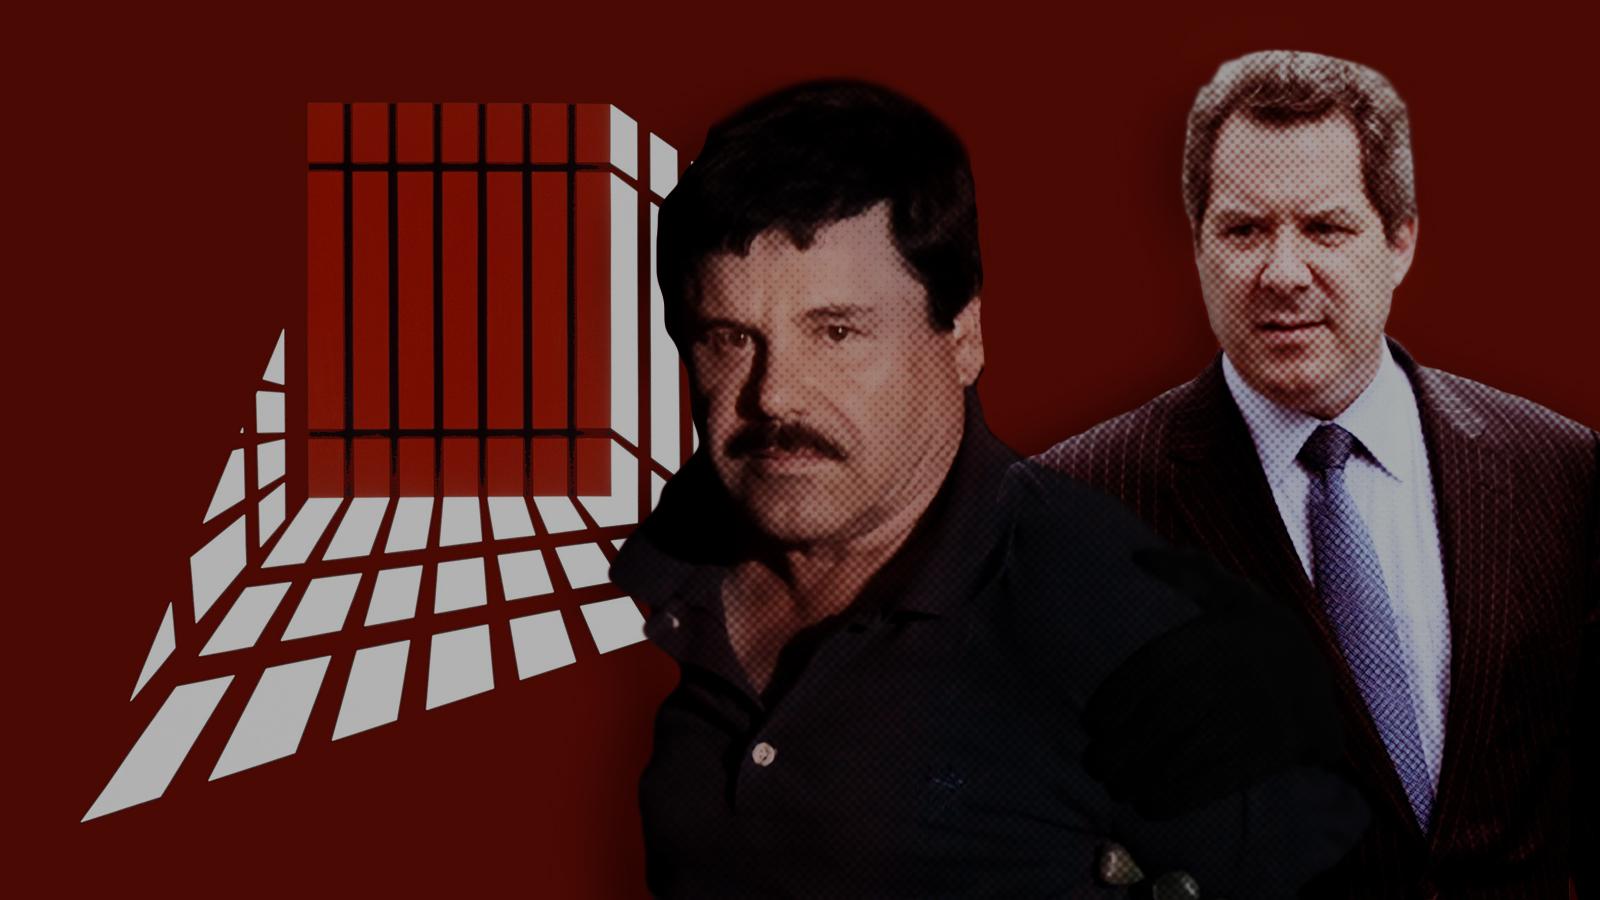 L'avocat d'El Chapo raconte sa défense du narcotrafiquant le plus puissant du monde